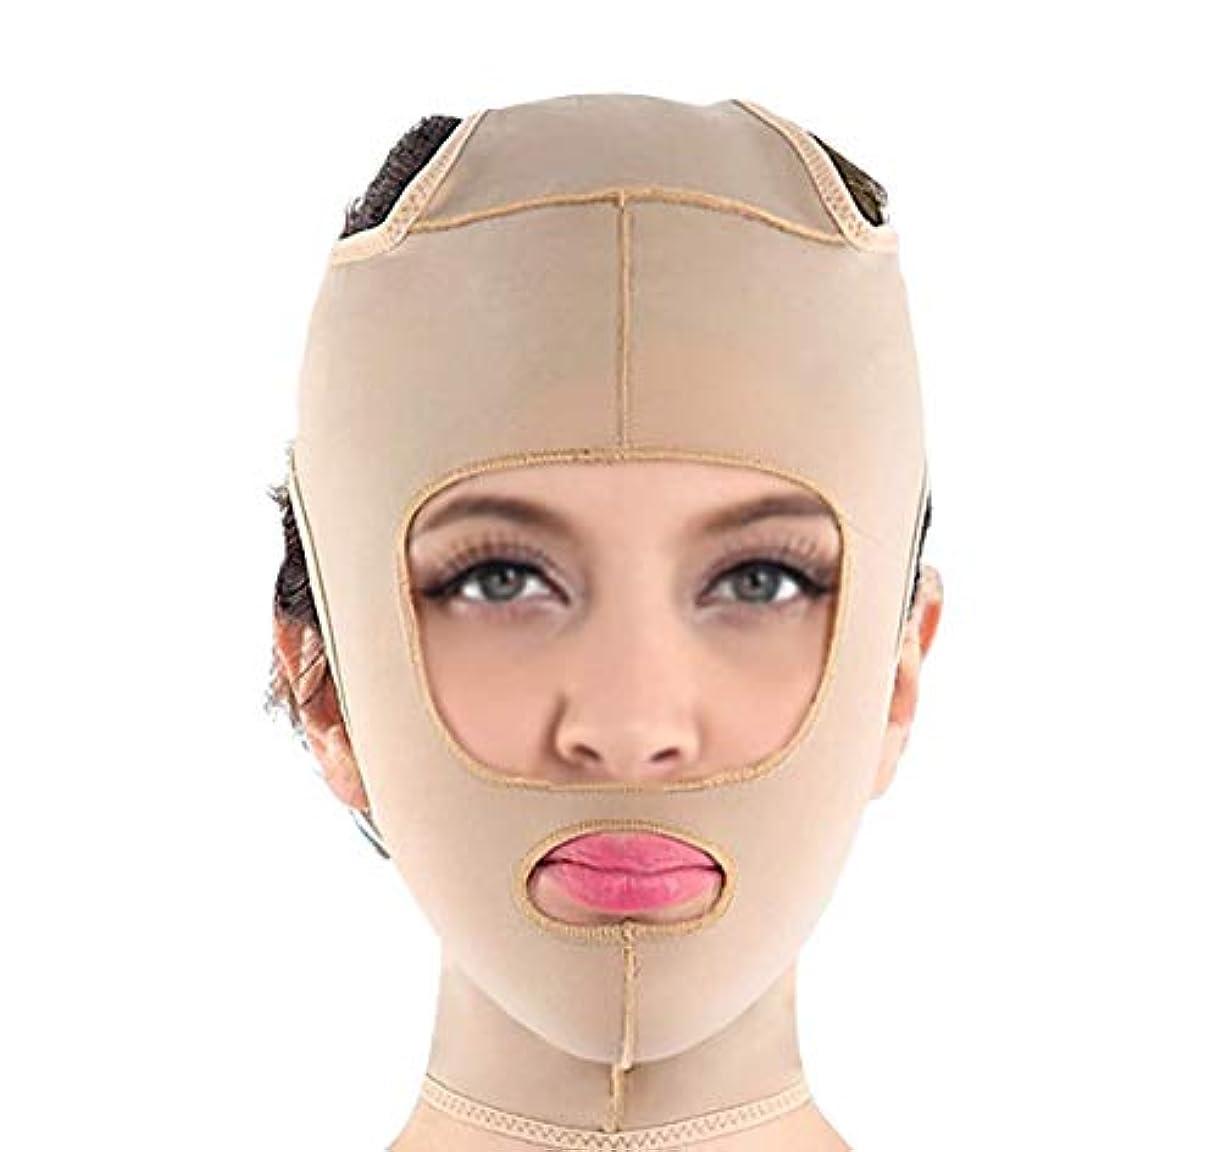 トマト冷凍庫攻撃的フェイスリフティングマスクで肌をしっかりと保ち、顔の筋肉の垂れ下がりや顔の美しい輪郭の整形を防止します(サイズ:Xl),M